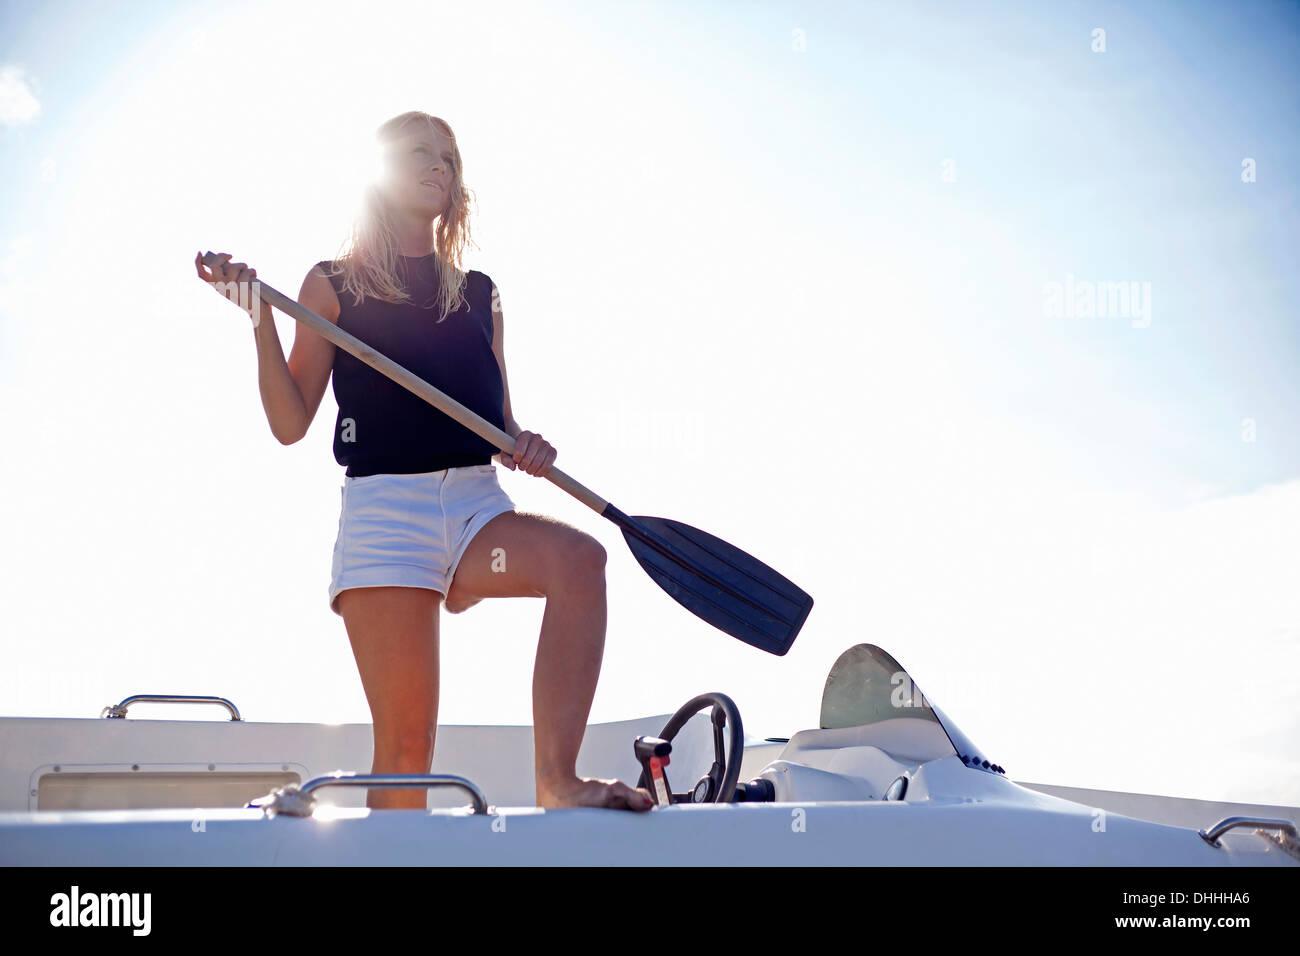 Donna in piedi tenendo oar su yacht, Wales, Regno Unito Immagini Stock